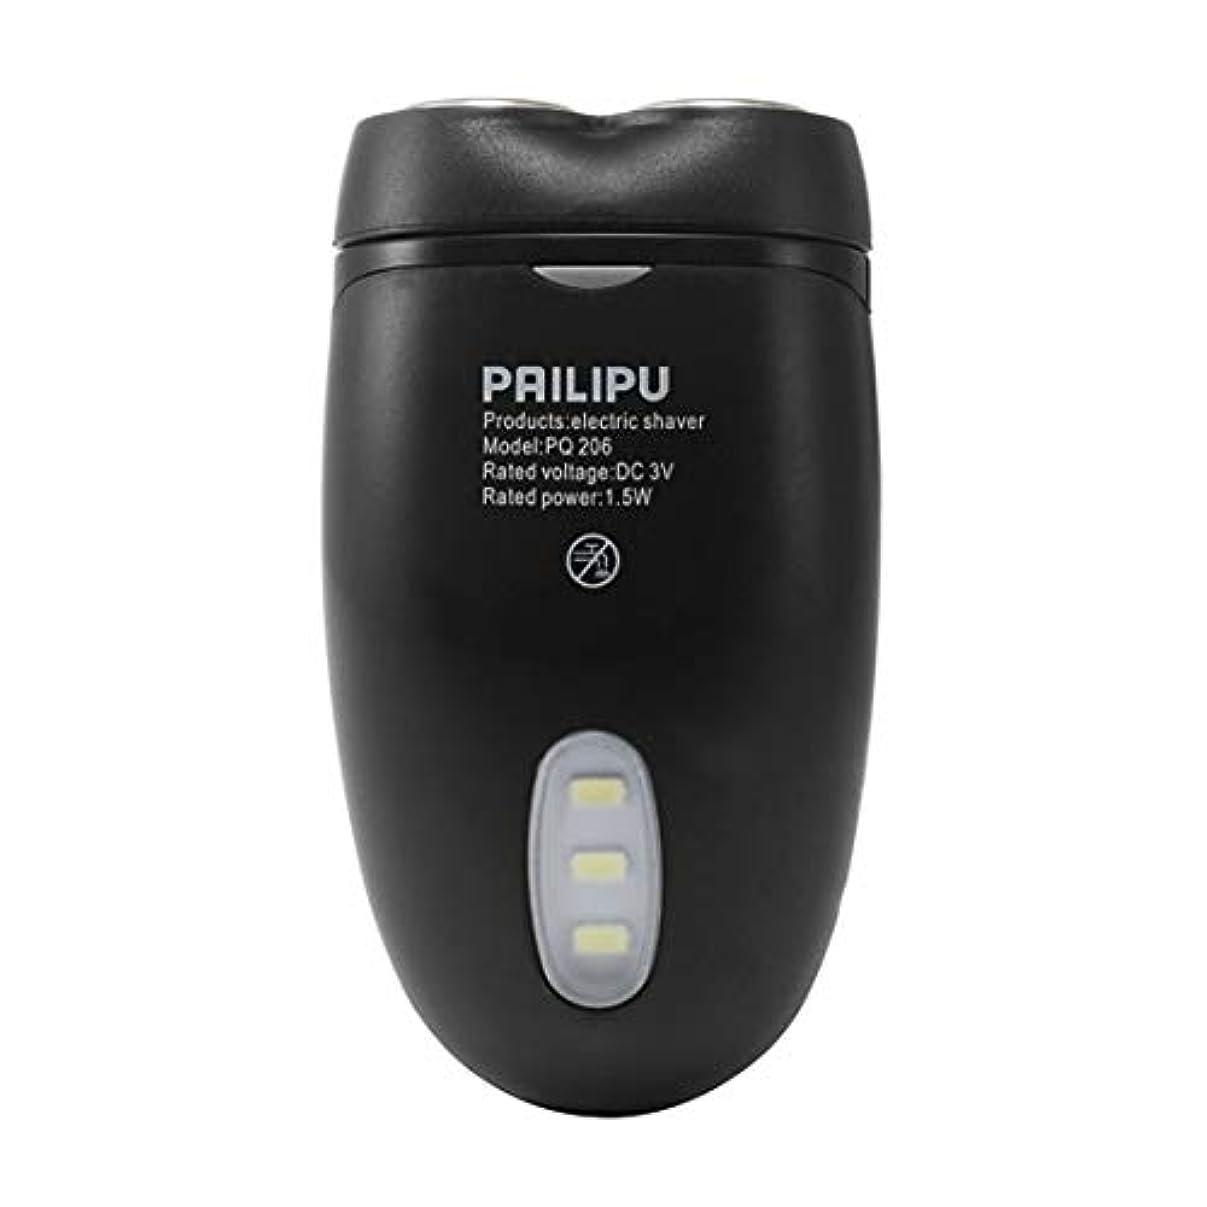 不信出発するメディック男性コードレス電気シェーバーカミソリひげ毛クリッパーバッテリー駆動多機能ダブルヘッド付きLED照明(黒)